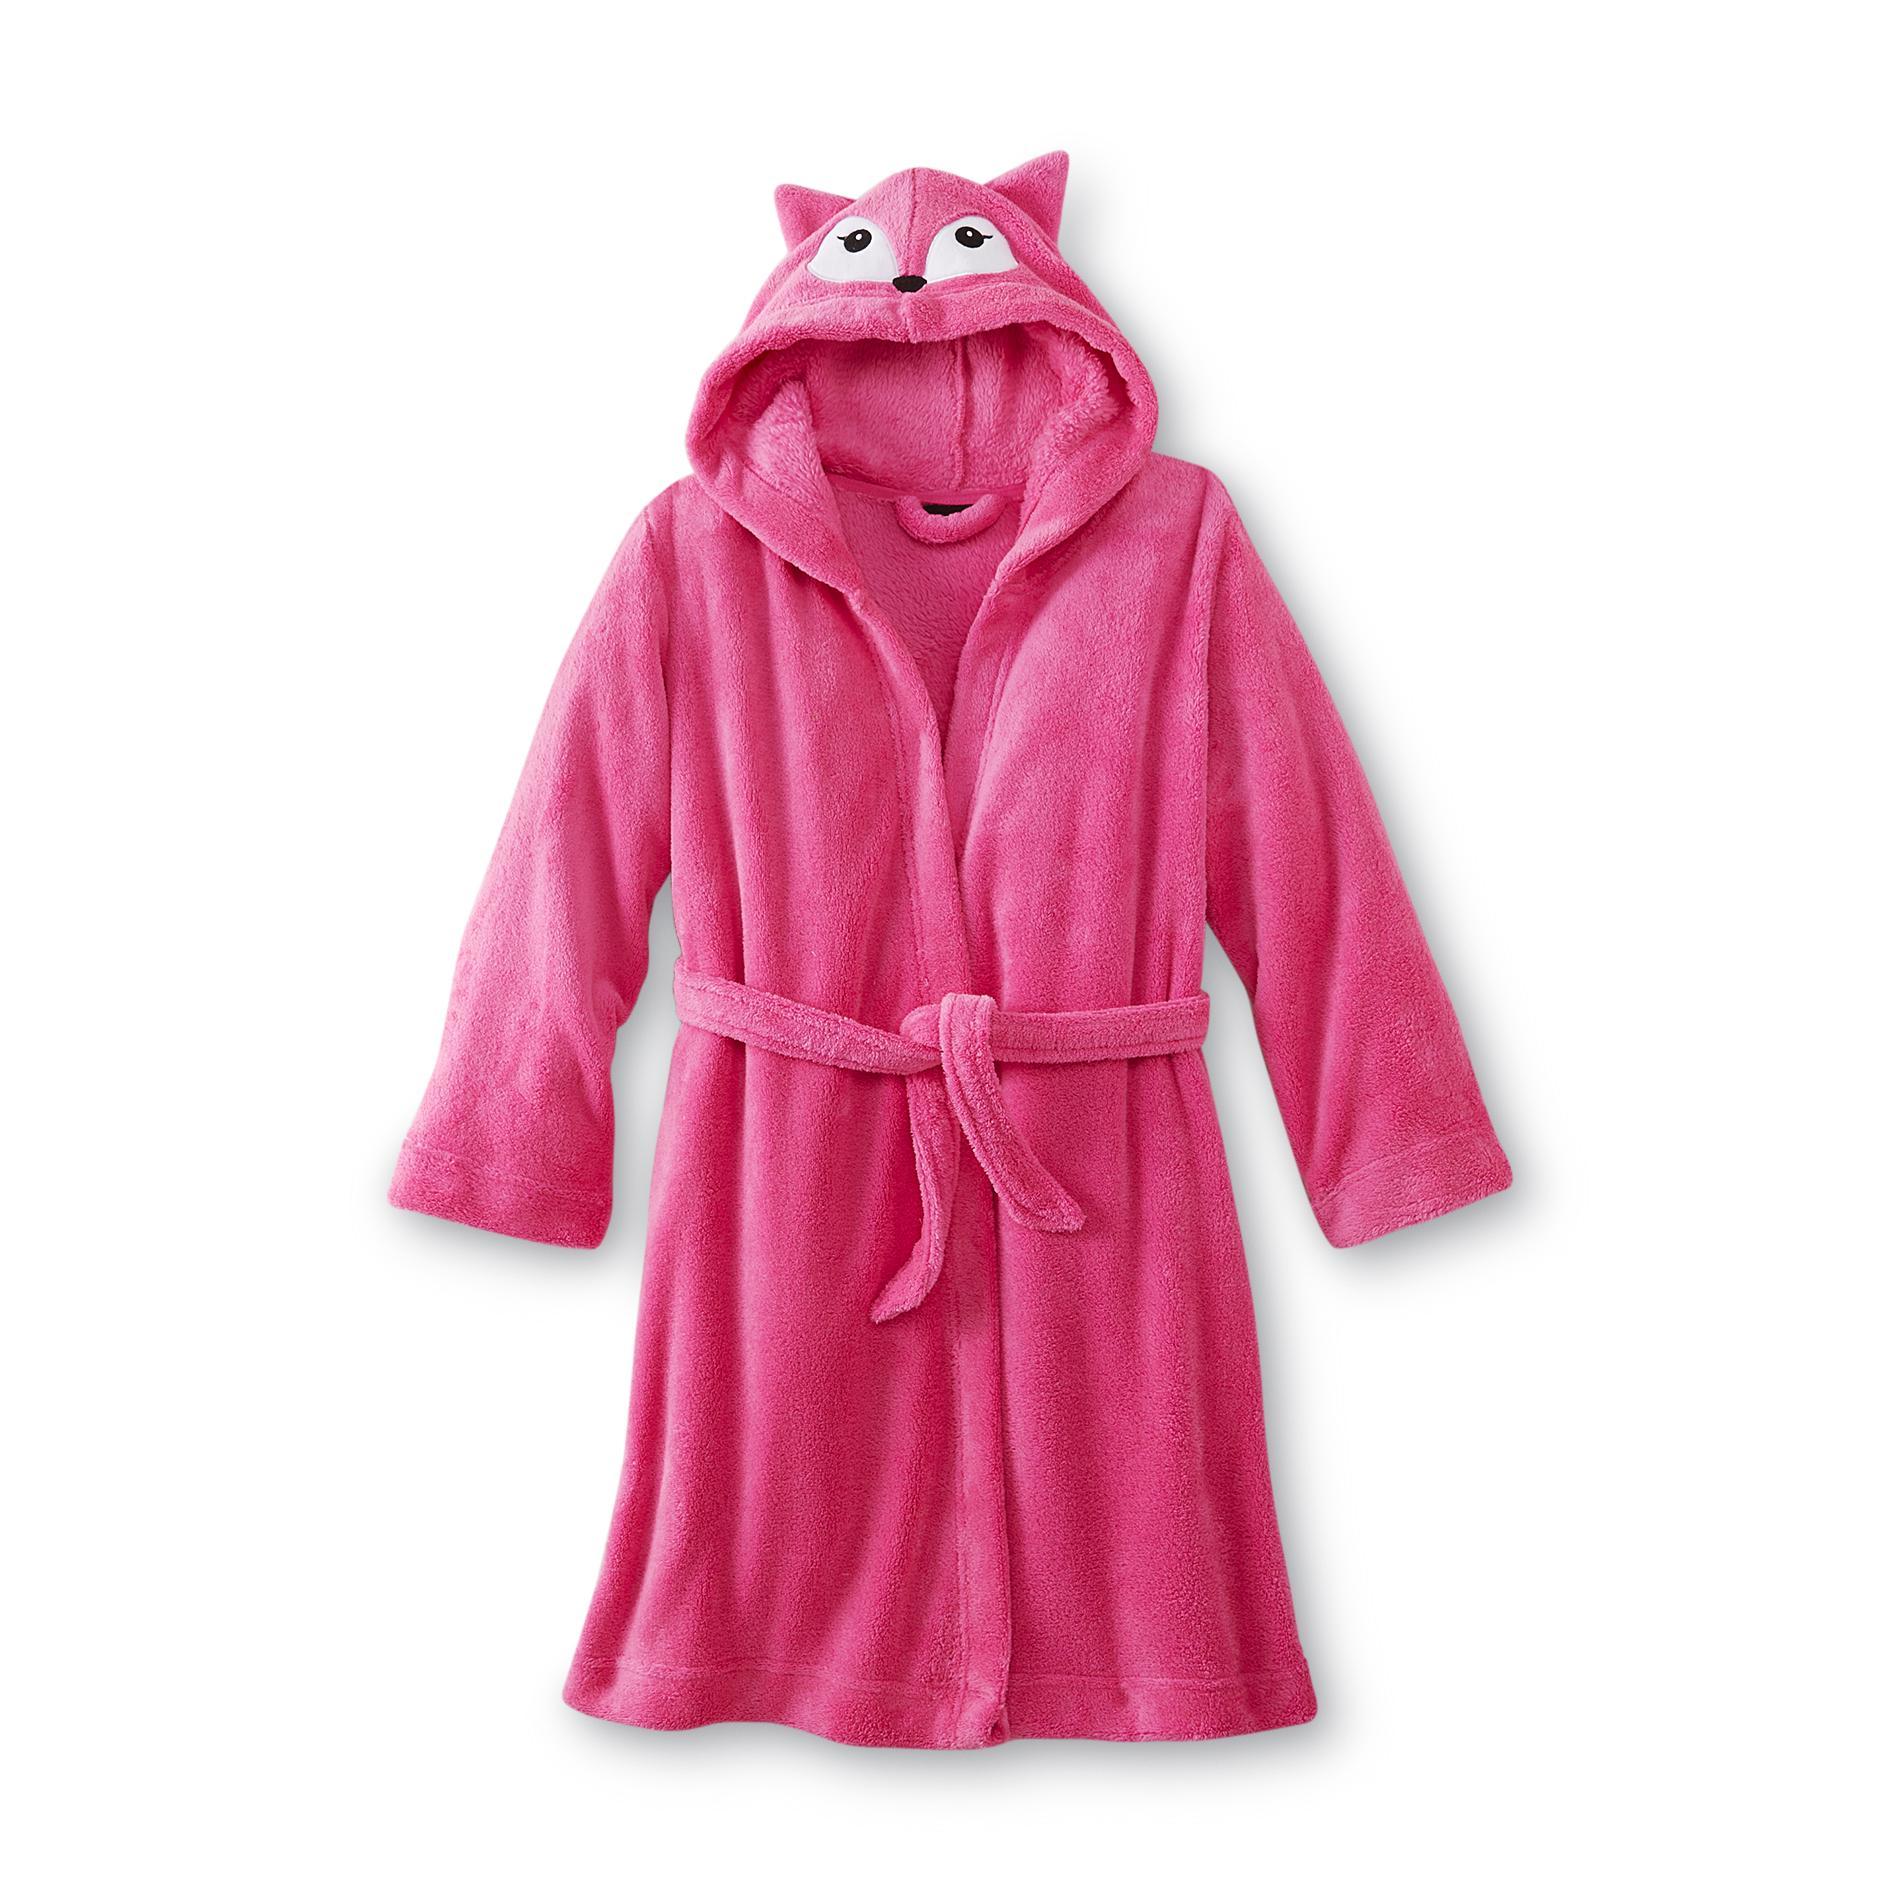 Girl's Hooded Fleece Critter Robe - Fox